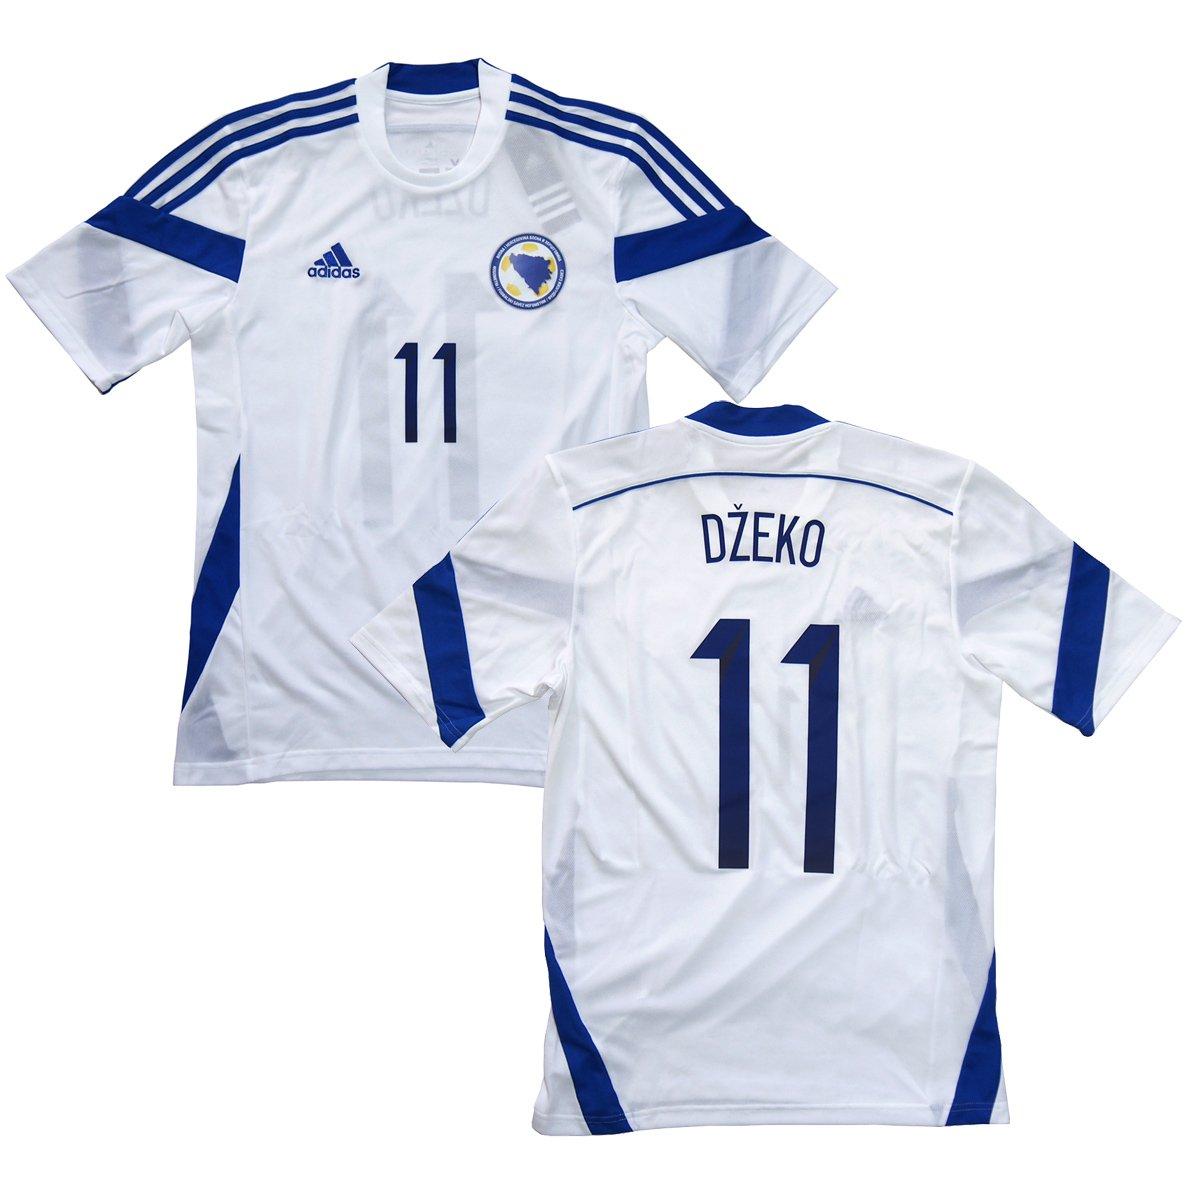 adidas 2014-15 ボスニアヘルツェゴビナ代表 アウェイ半袖 #11 DZEKO エディンジェコ B00MKOTUGE インポートM